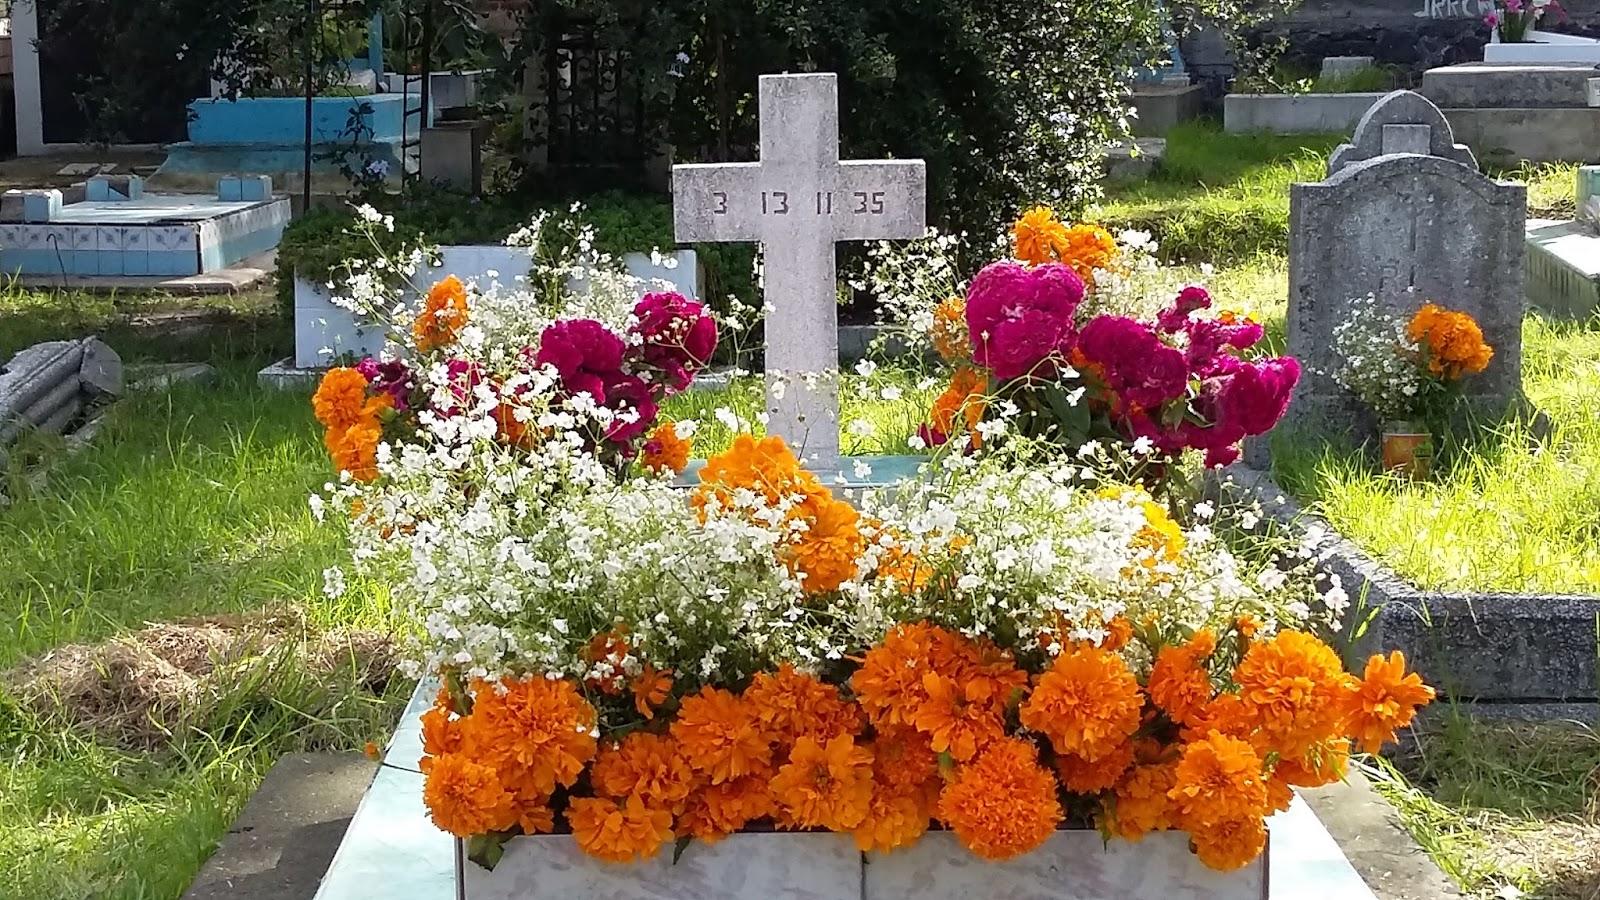 Leyendas con enseñanzas Tumba-con-flores